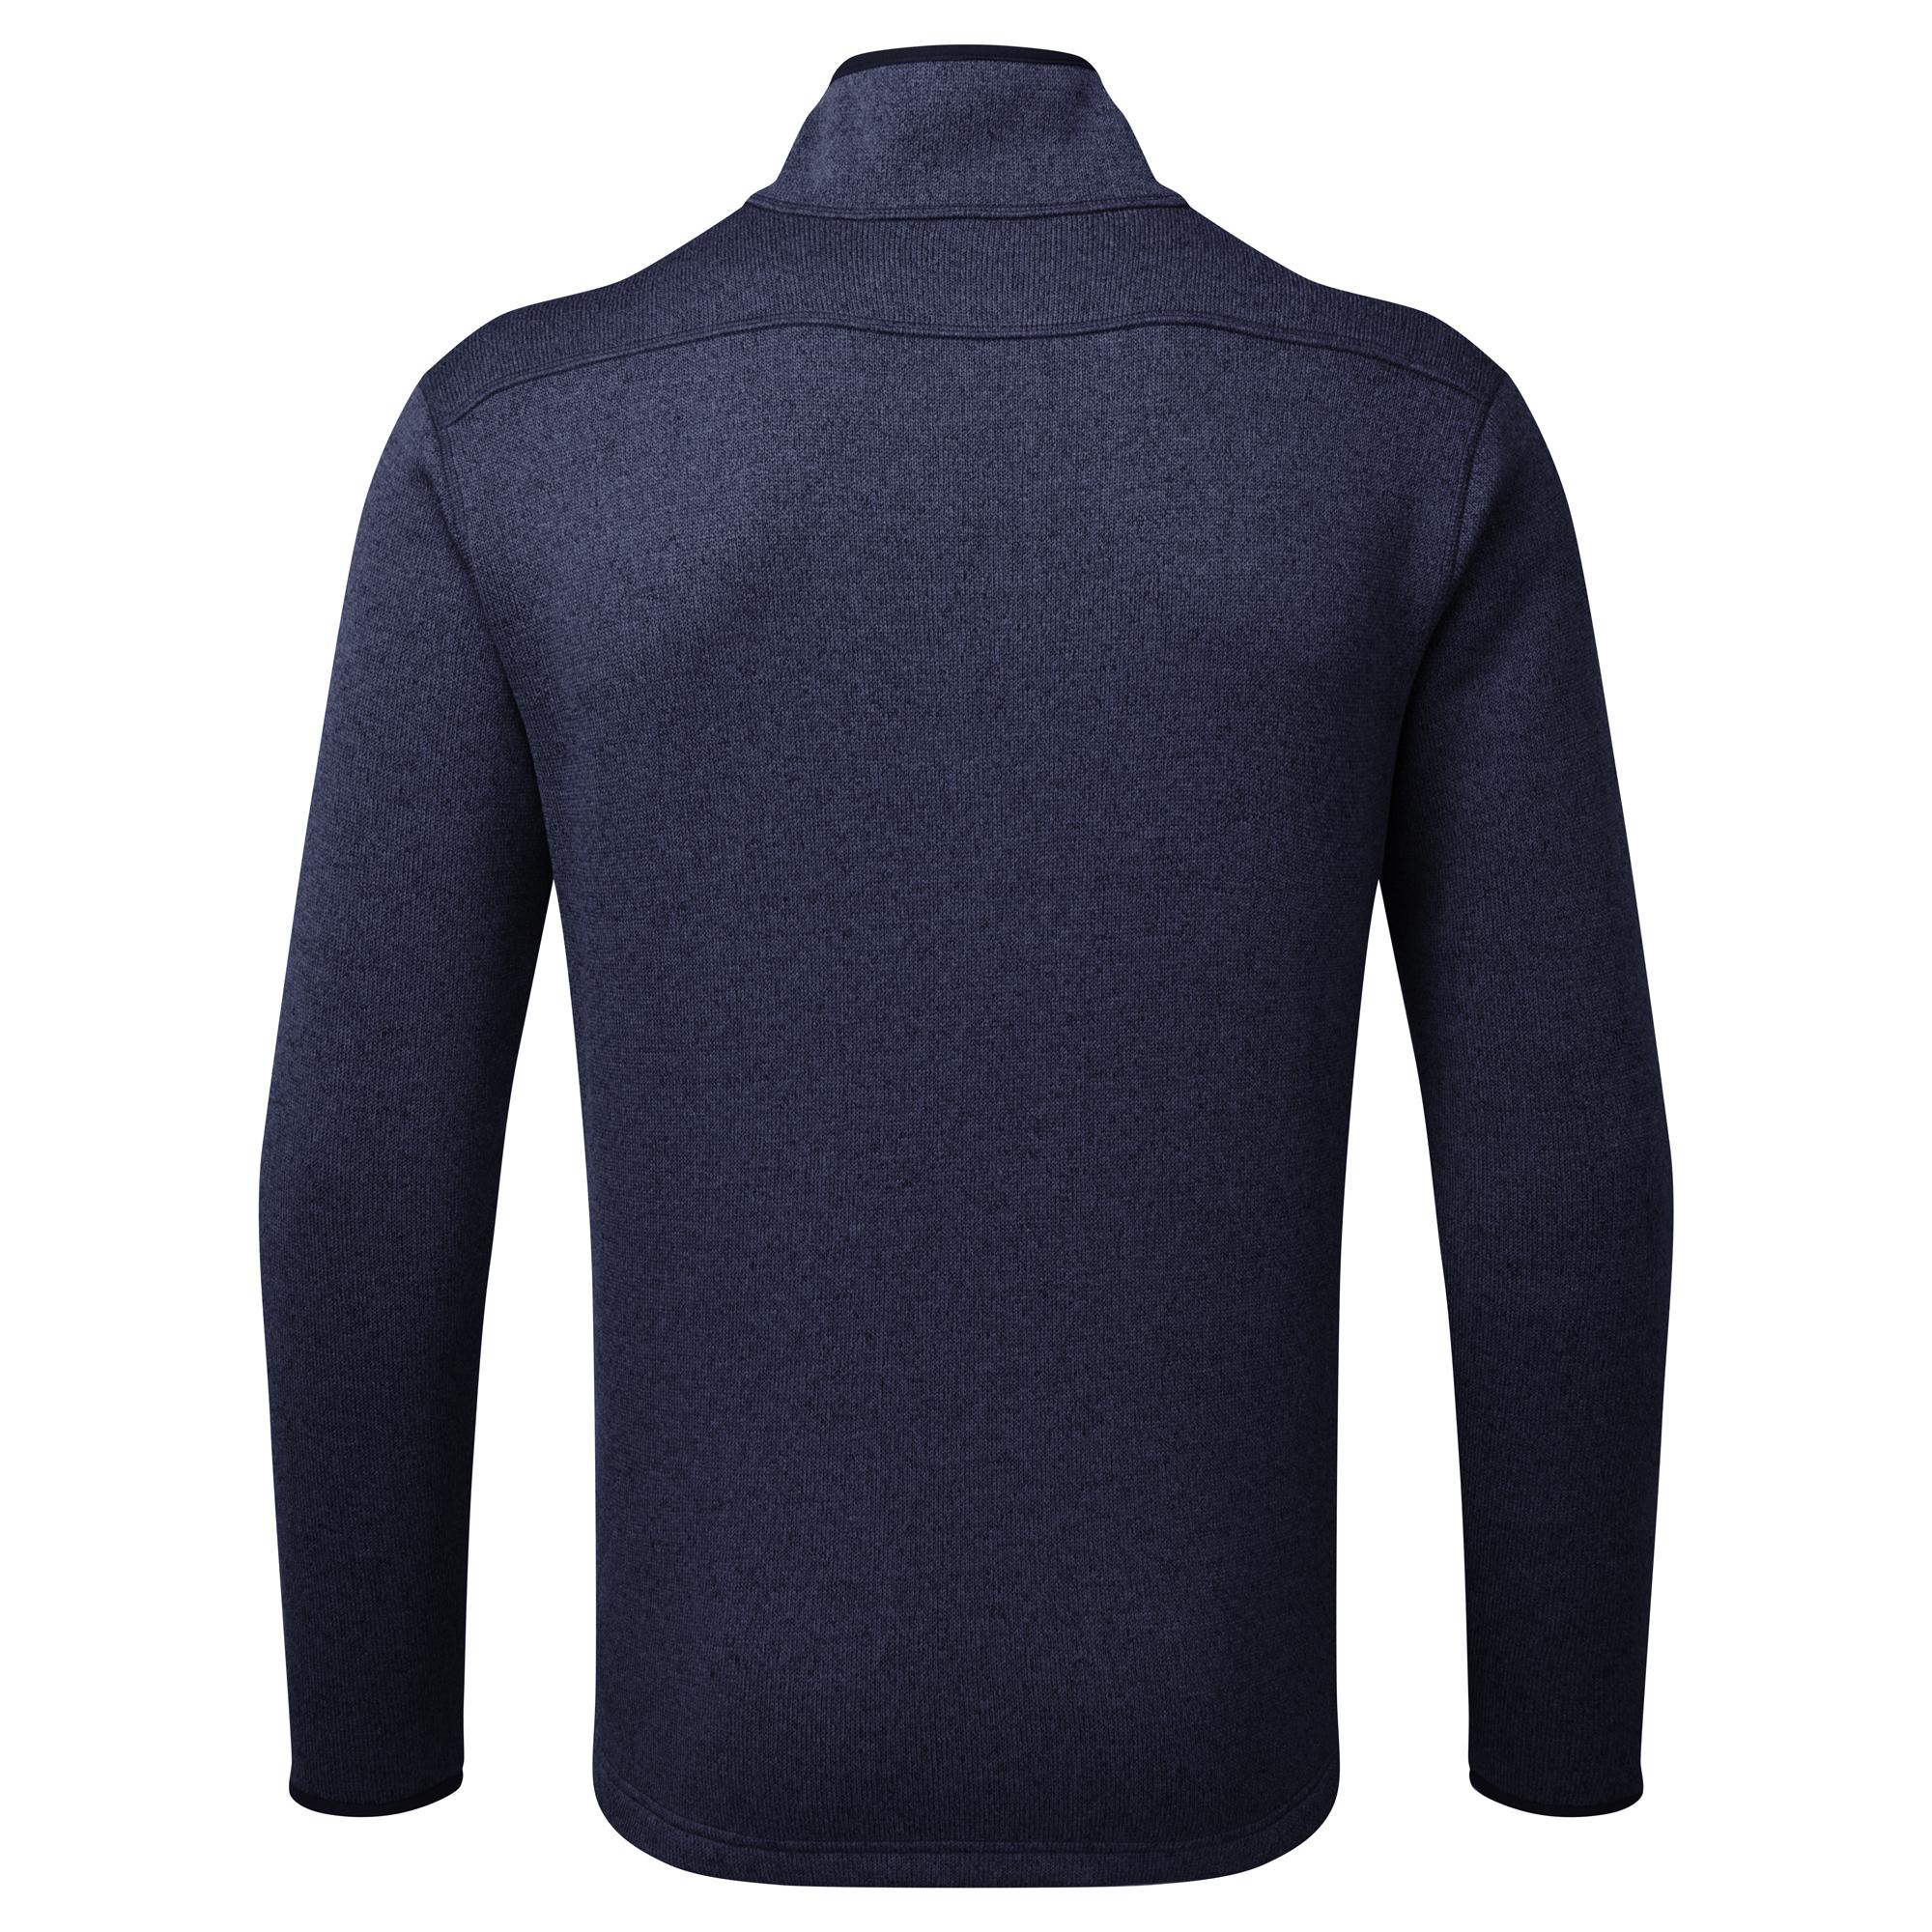 Men's Knit Fleece - 1492-NAV02_2.png